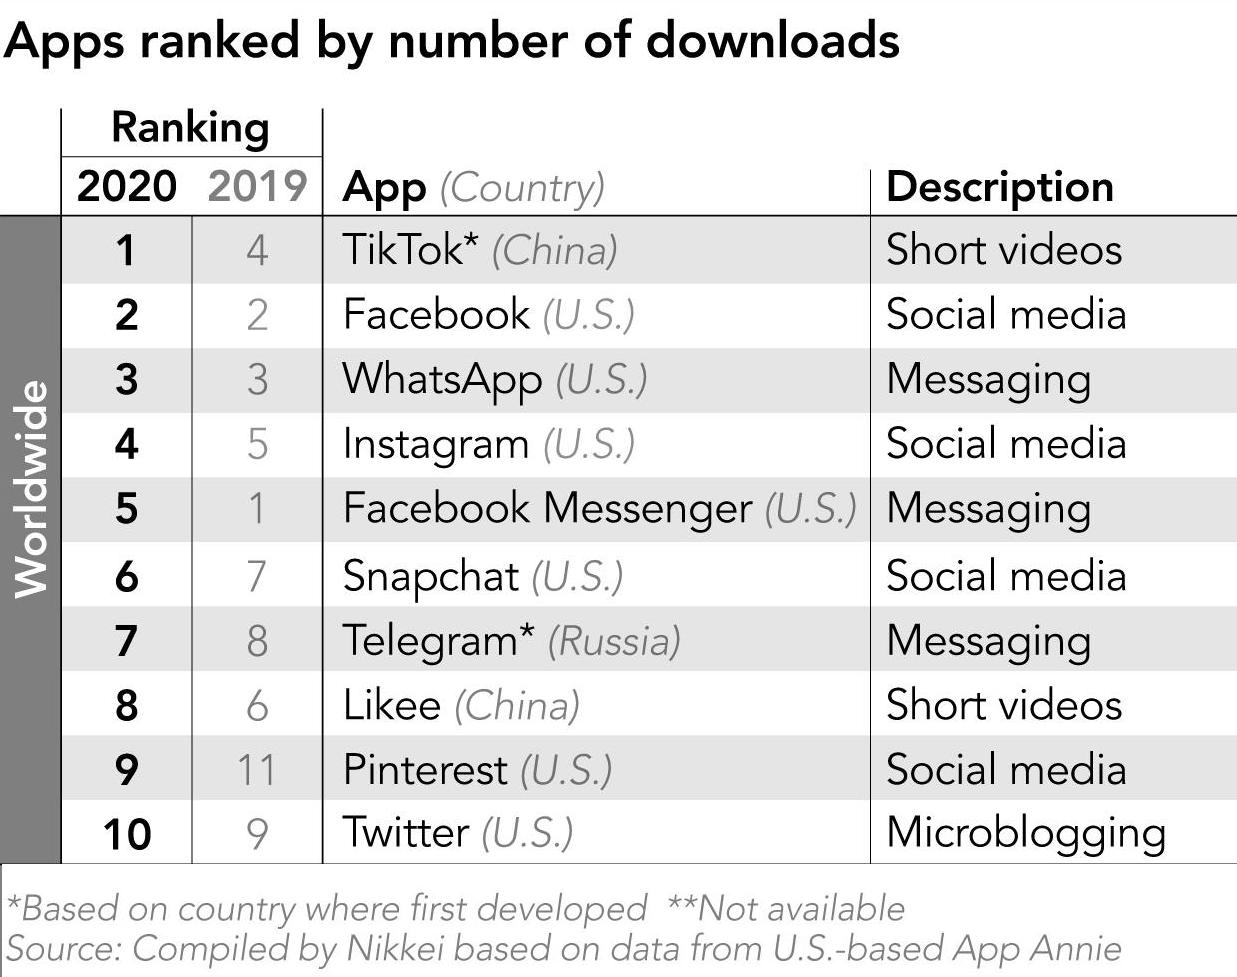 СМИ назвали самые популярные приложения среди соцсетей в 2020